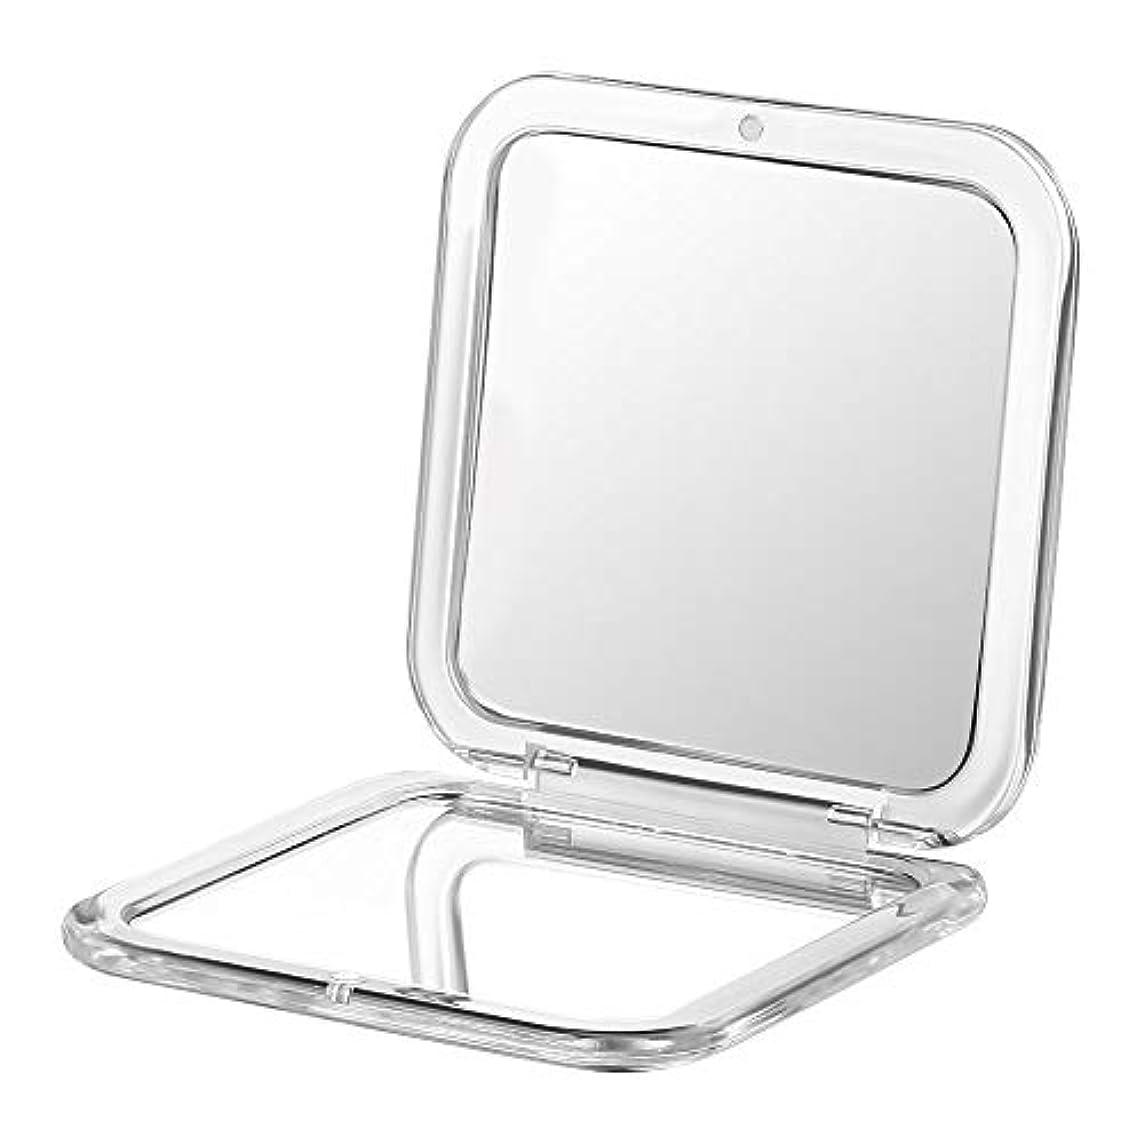 ソース性差別衝動コンパクト鏡 拡大鏡 両面コンパクトミラー 化粧鏡 卓上 鏡